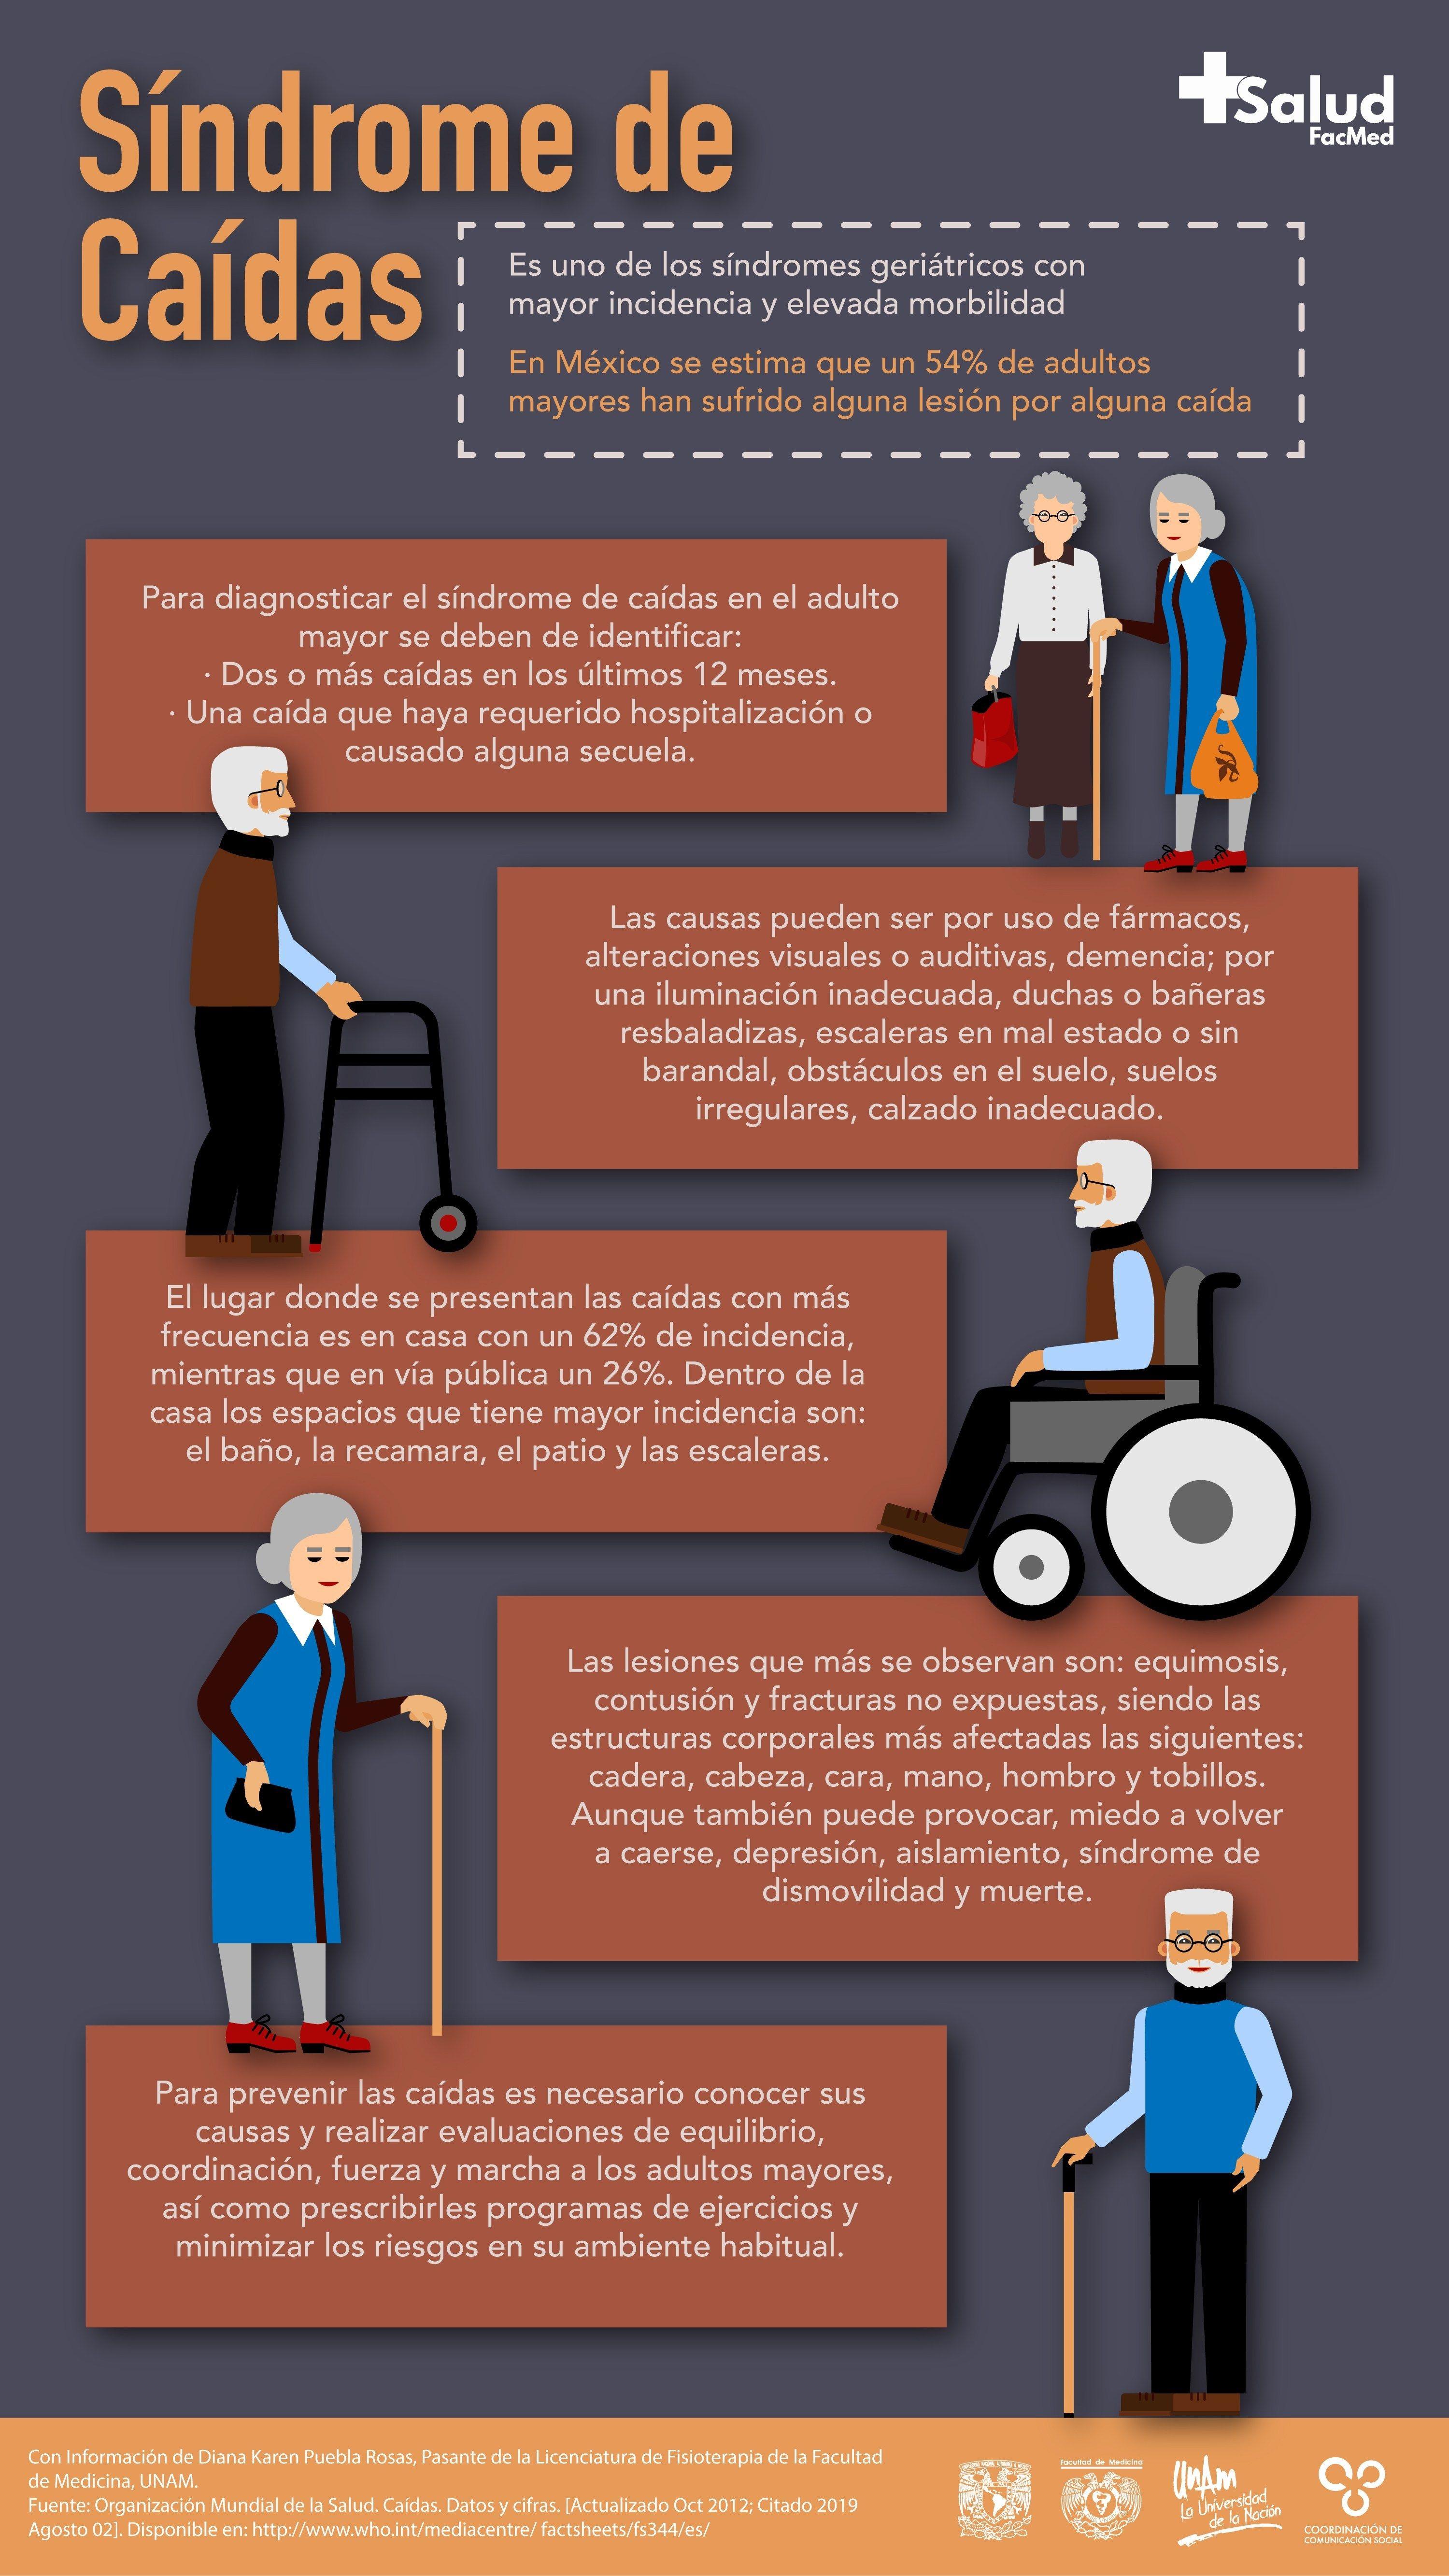 Síndrome De Caídas Salud Facmed Terapia Fisica Y Rehabilitacion Fisioterapia Y Rehabilitacion Auxiliar De Enfermeria